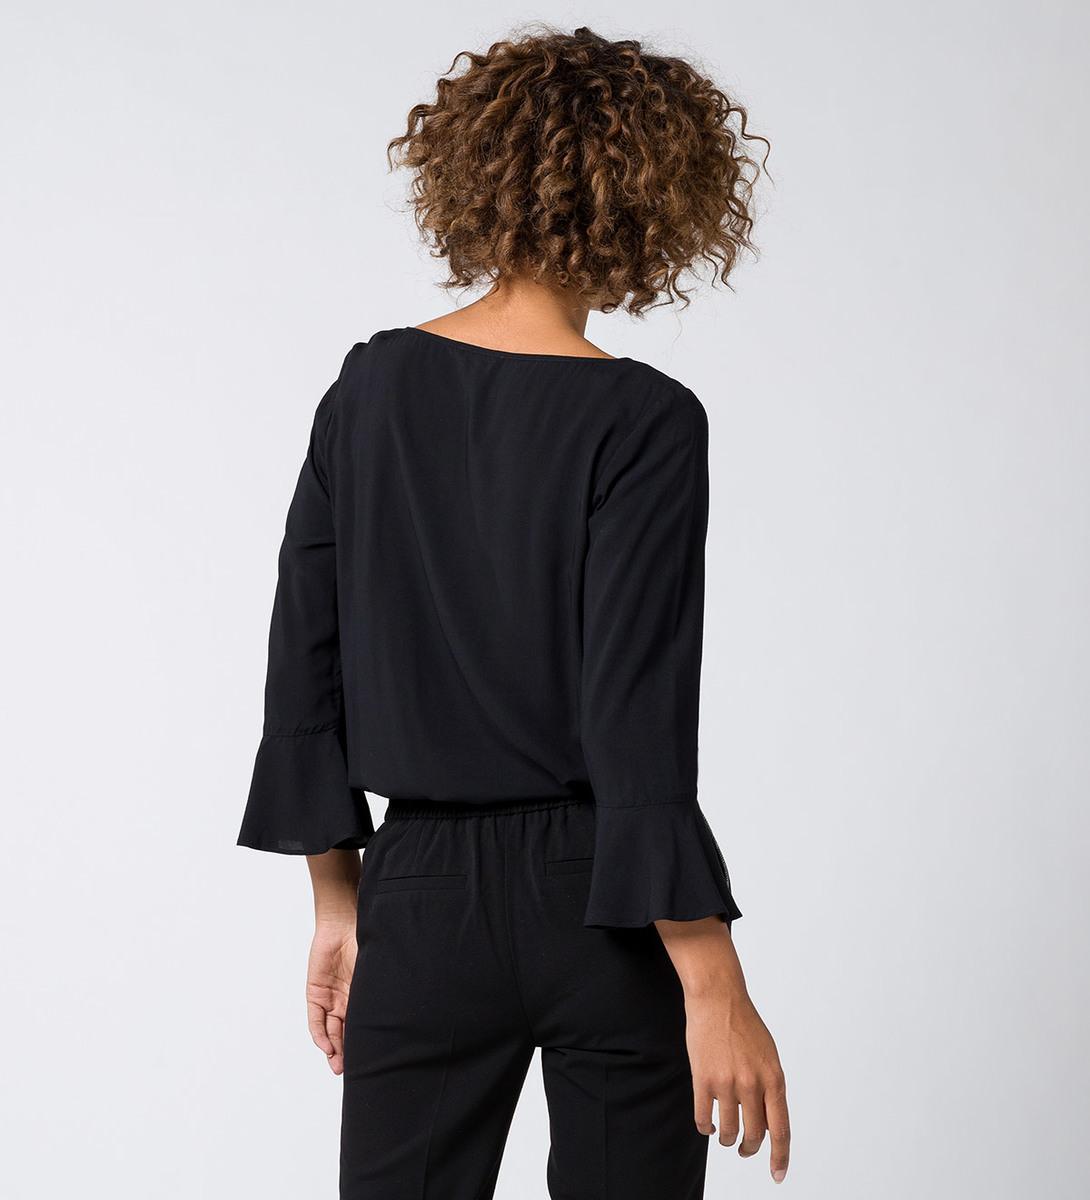 Bluse mit 3/4-Ärmeln in black